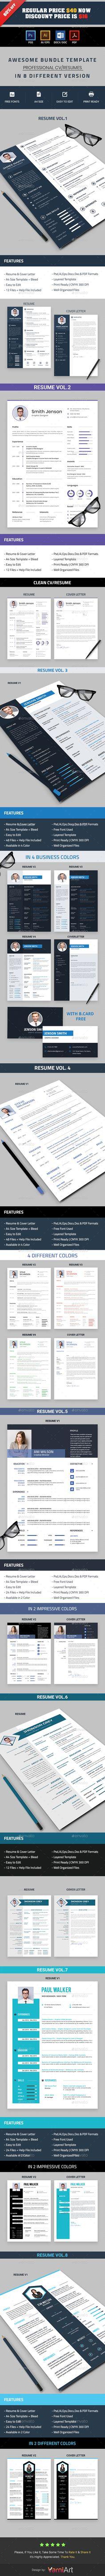 Resumecv Bundle Resume Bundle 3 in 1